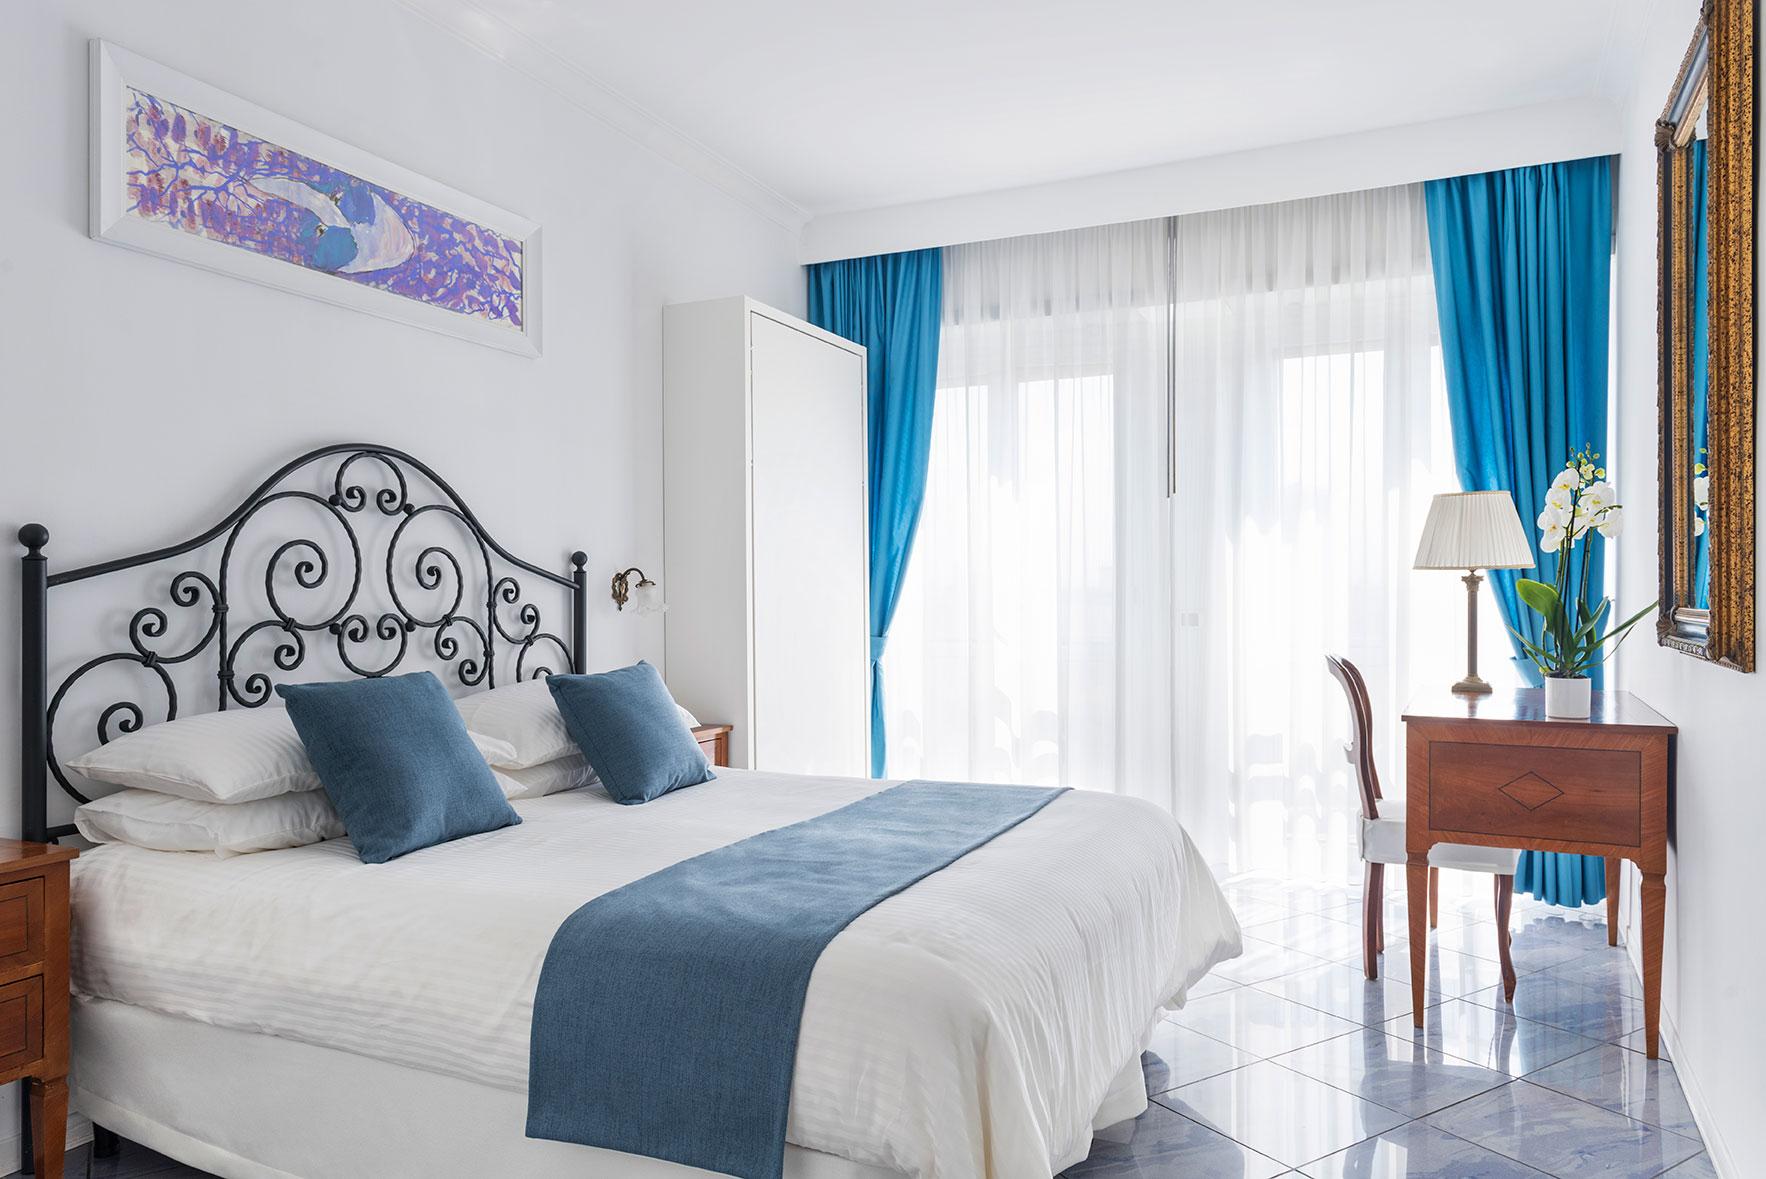 camere-classic-fiorentini-residence-napoli-1